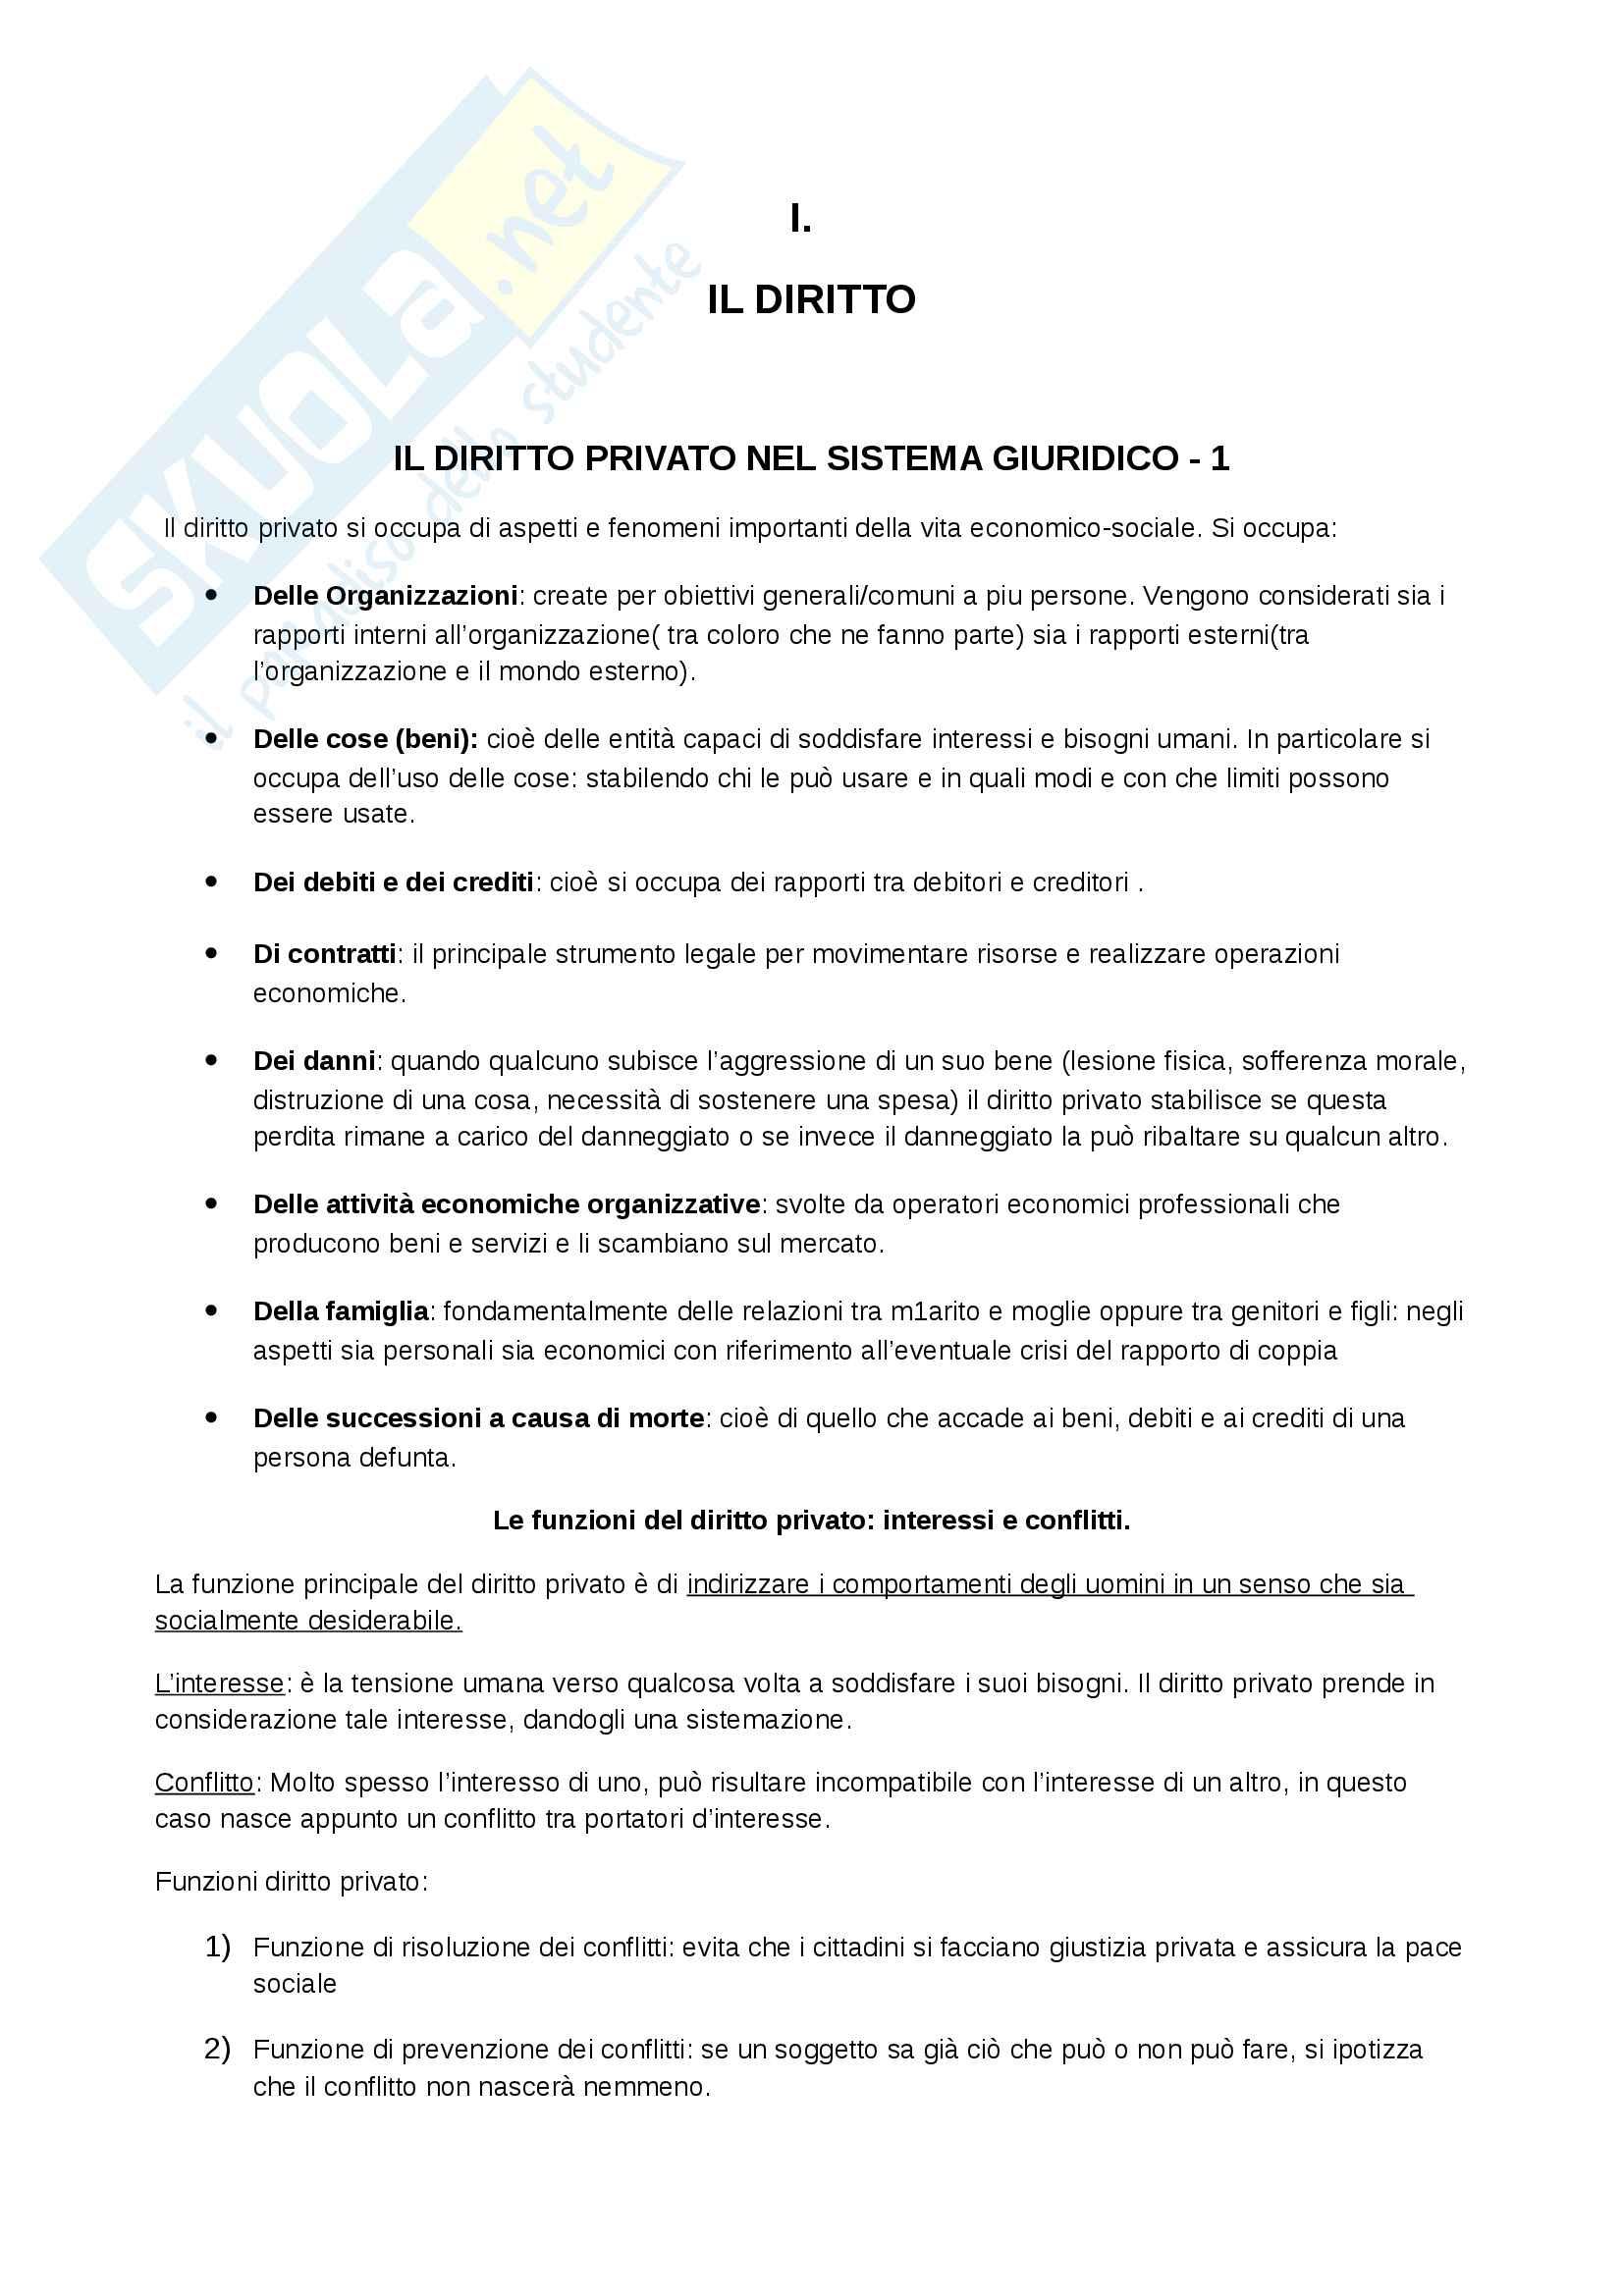 Riassunto esame Diritto Privato, docente Olivero, libro consigliato Diritto privato linee essenziali, Giappichelli editore